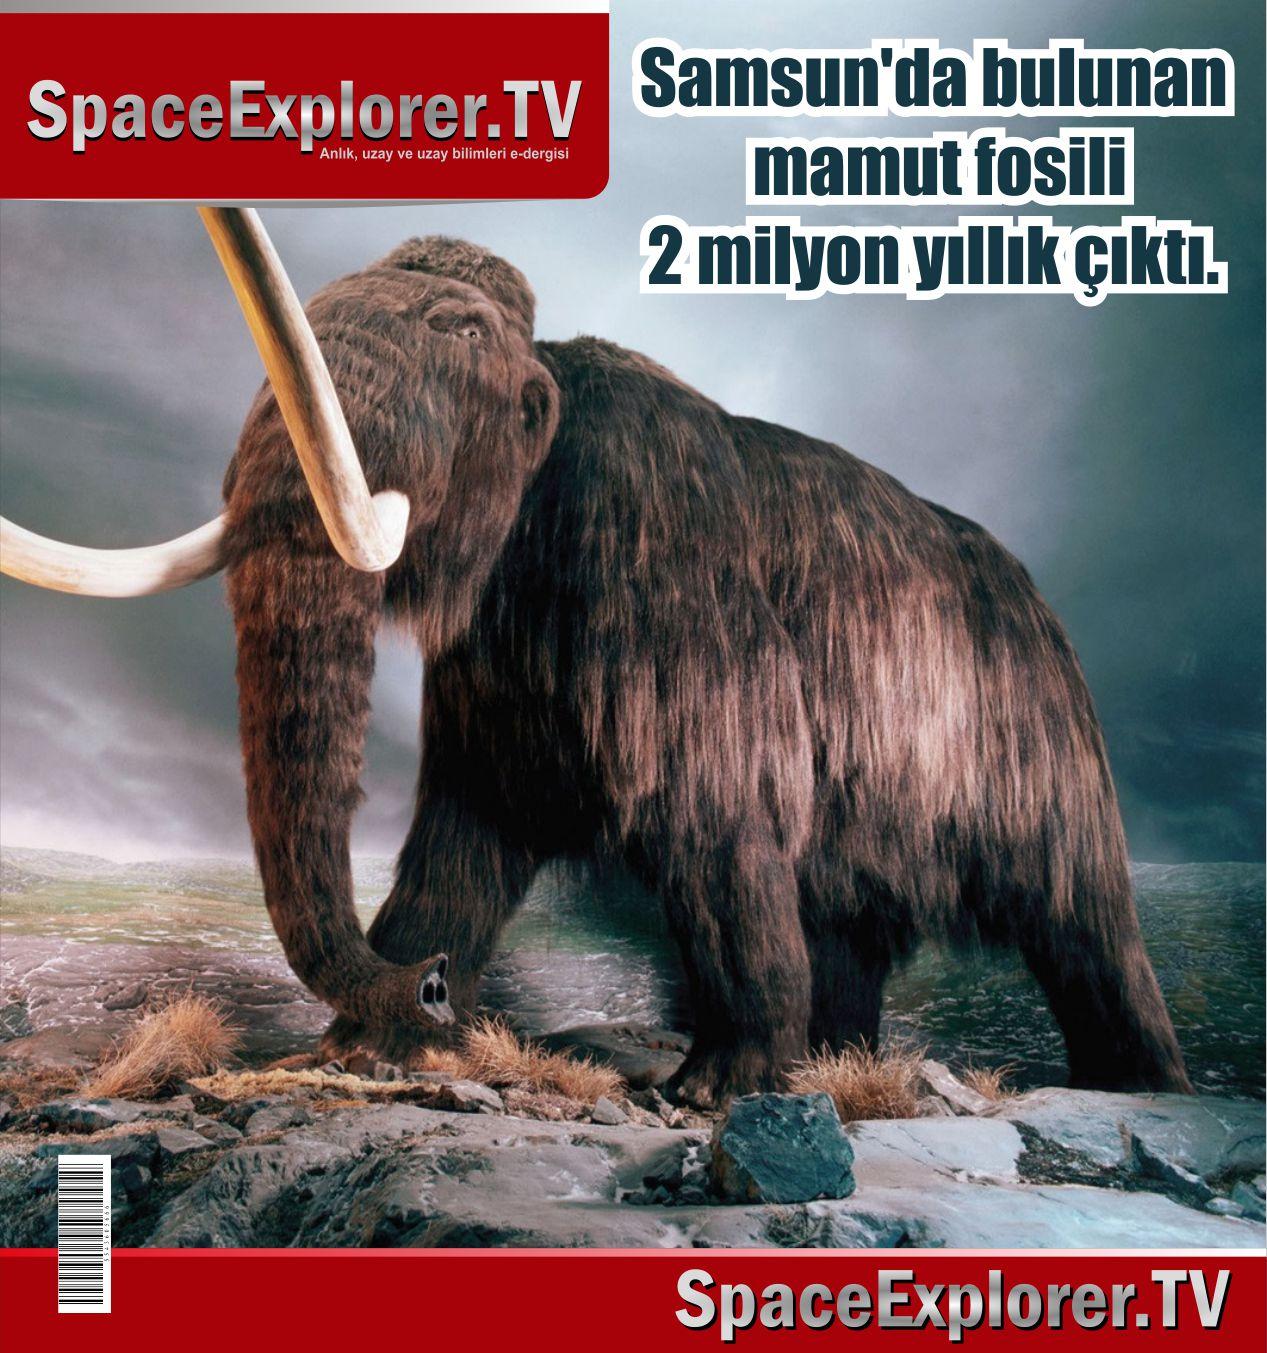 Mamutlar, Nesli tükenen hayvanlar, Arkeoloji, Türkiye, Tabiat Tarihi Müzesi, Fosiller, Evrim aldatmacası,